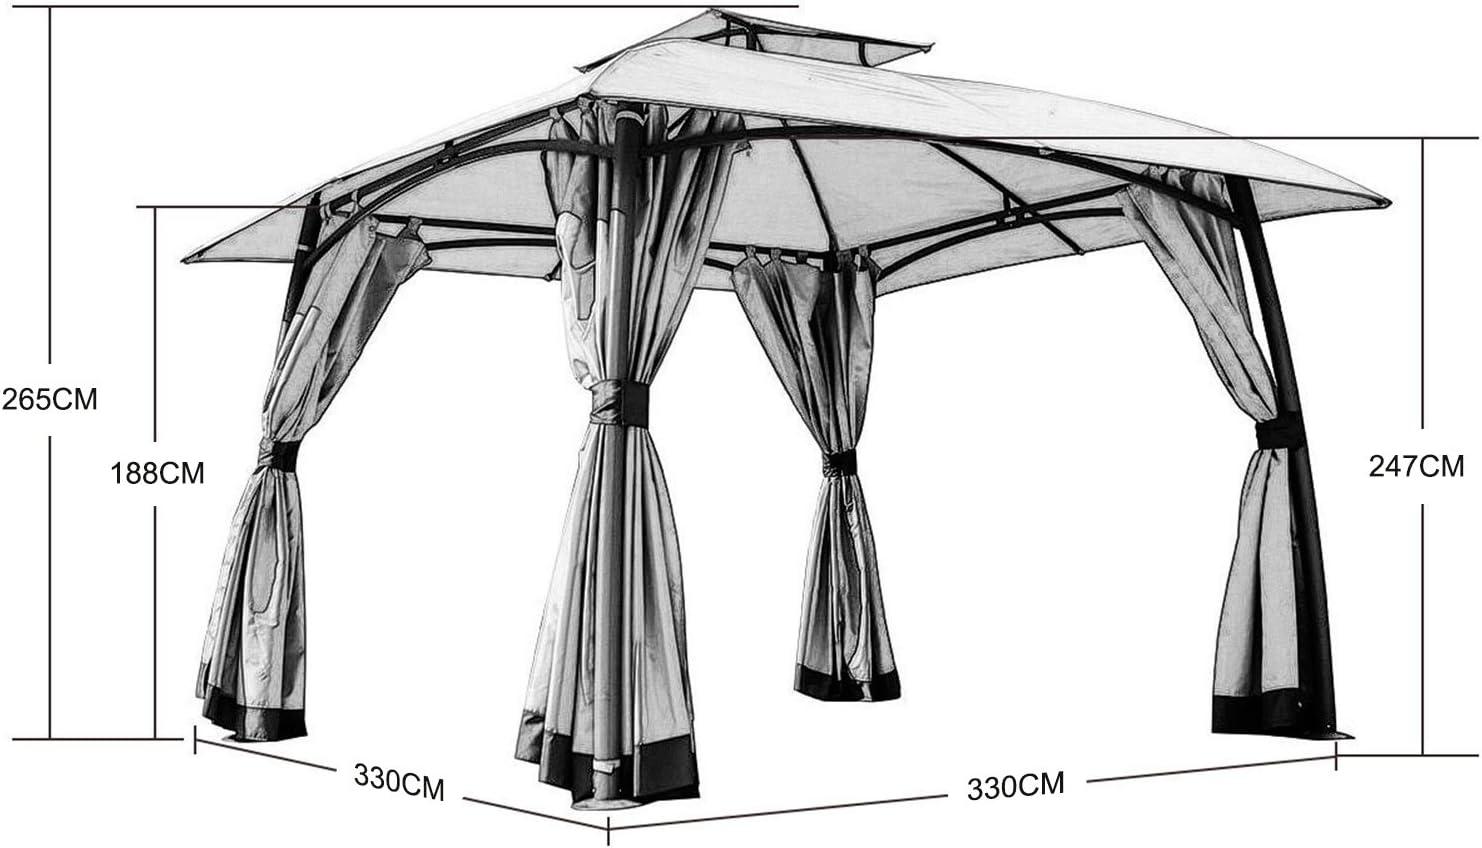 Grand patio Gazebo Exterior Impermeable, 3.3 x 3.3 m. para Camping, con Marco de Acero Negro y Doble Techo ventilado, Anti Insectos y con opción a privacidad, Color Beige: Amazon.es: Jardín